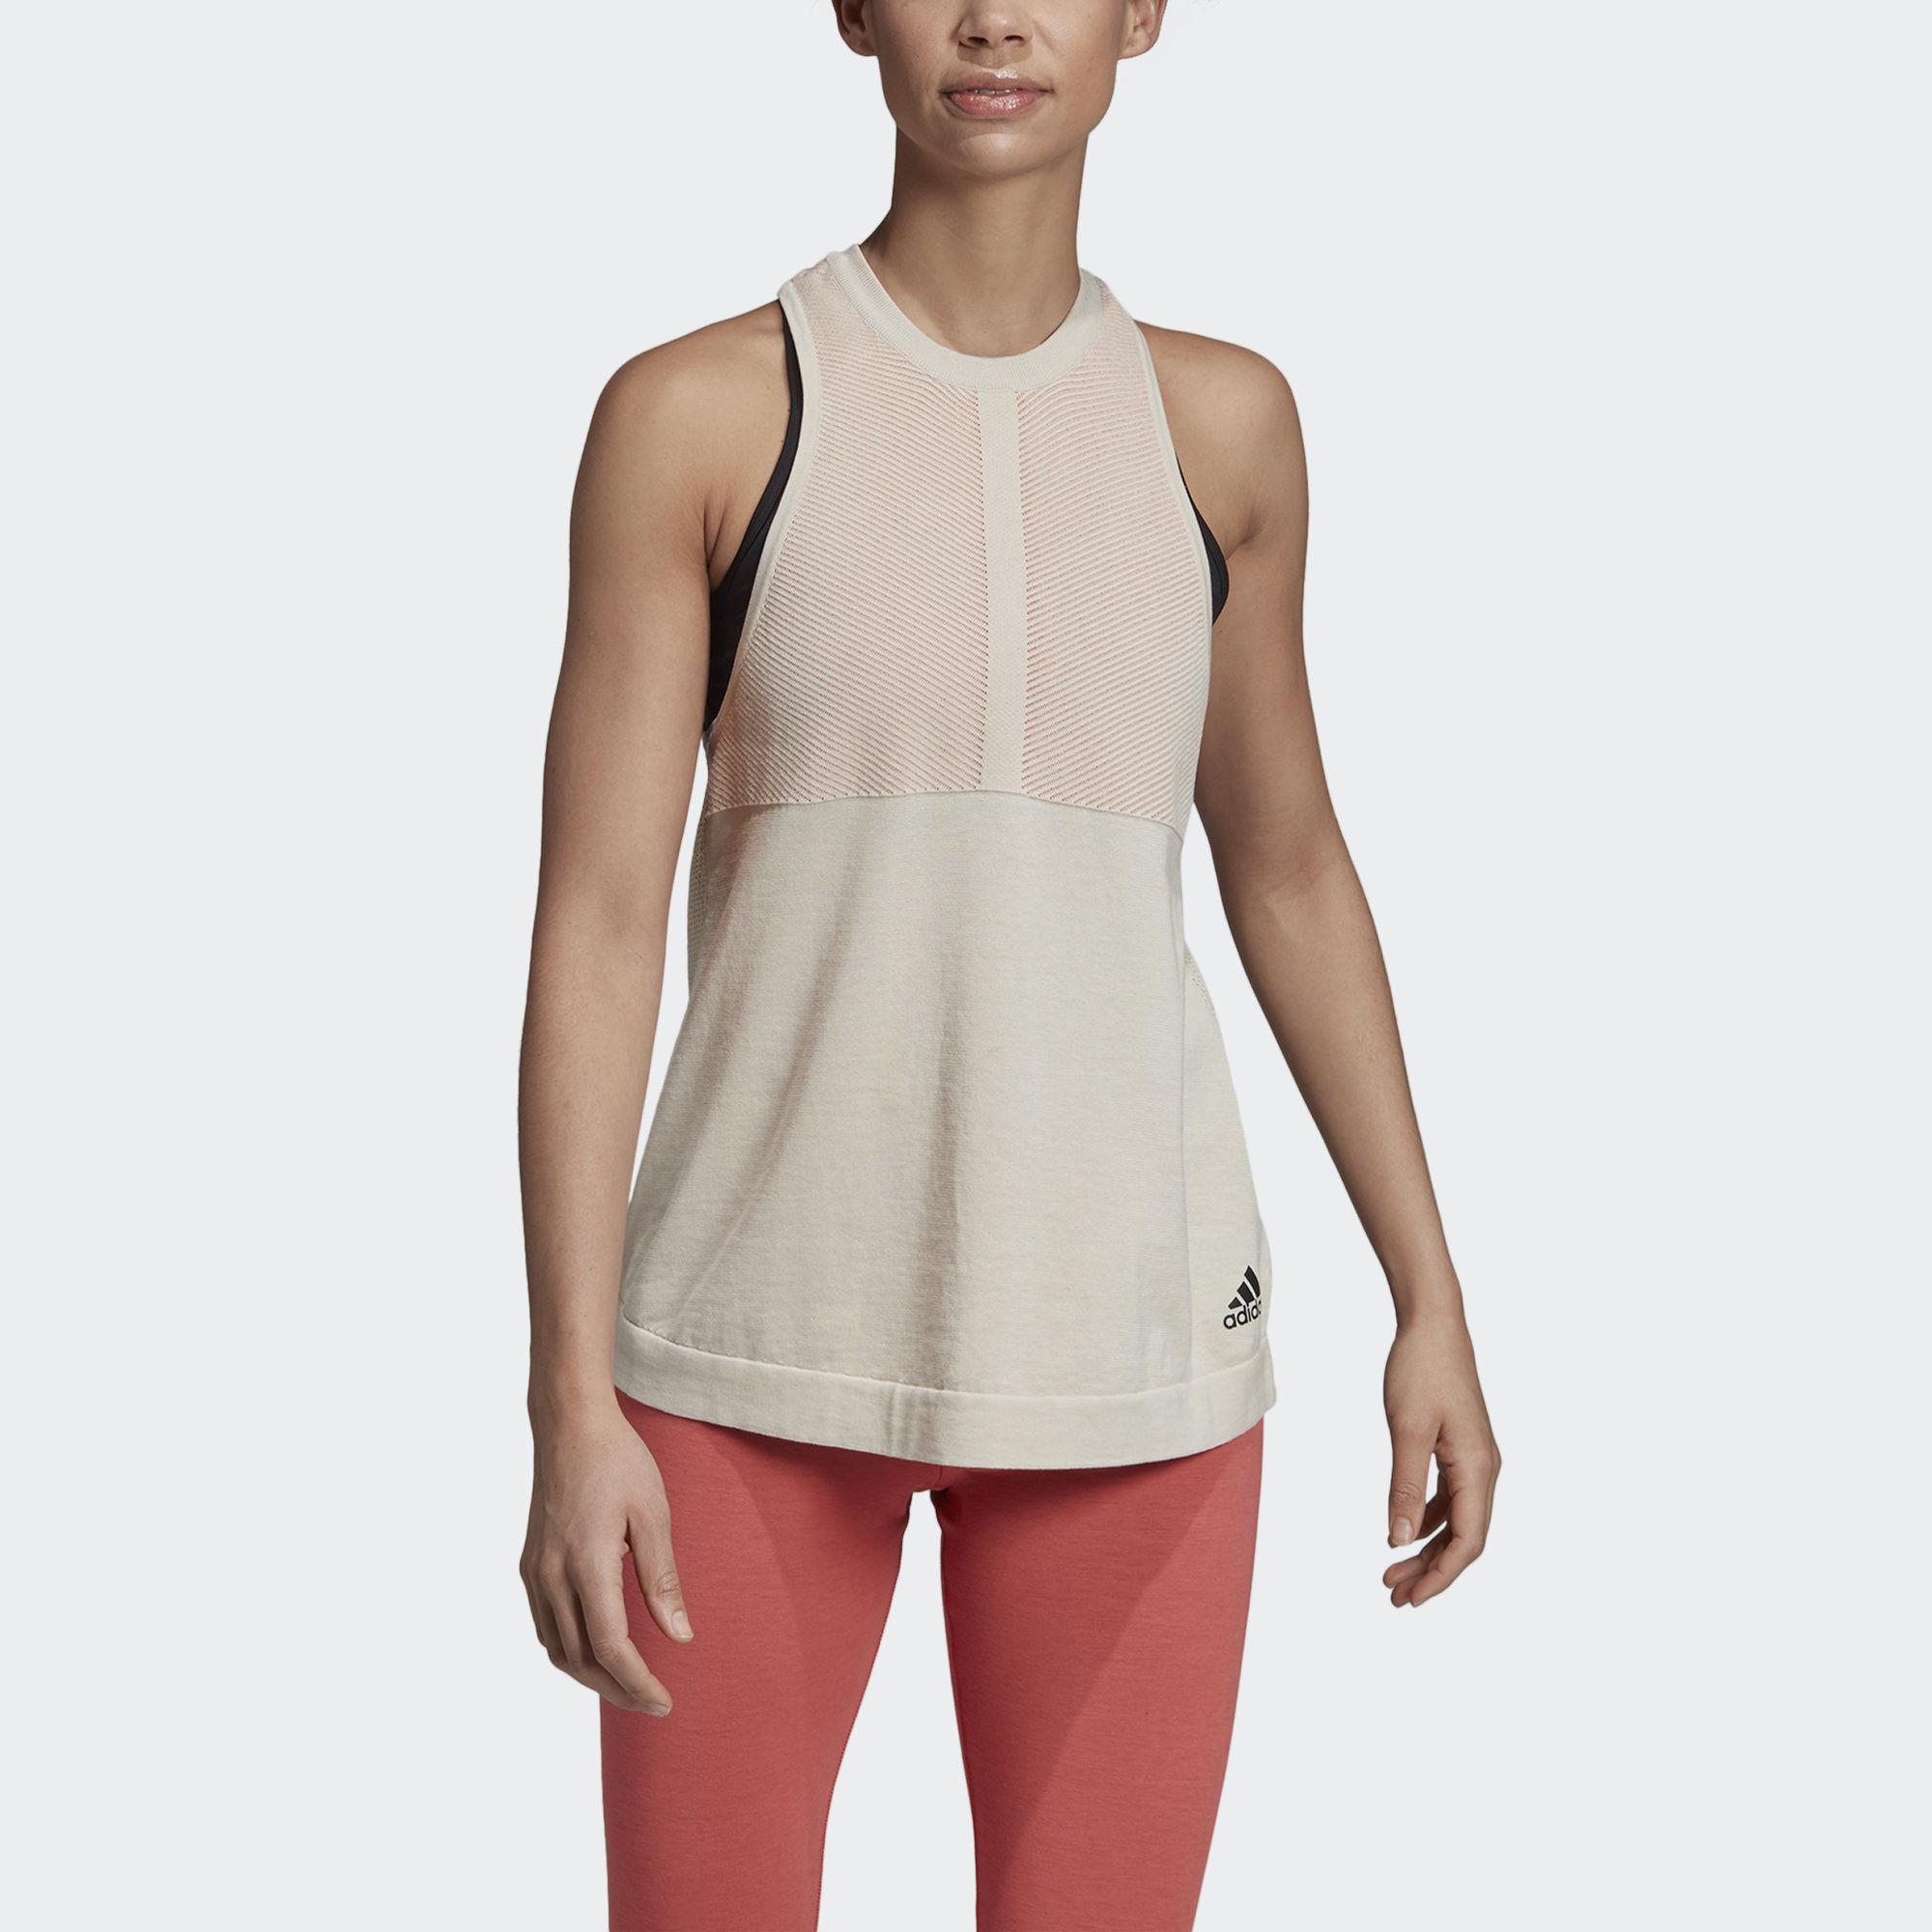 59a7f08e2694 Träningskläder Dam | Shoppa Outlet Deals Online | Afound